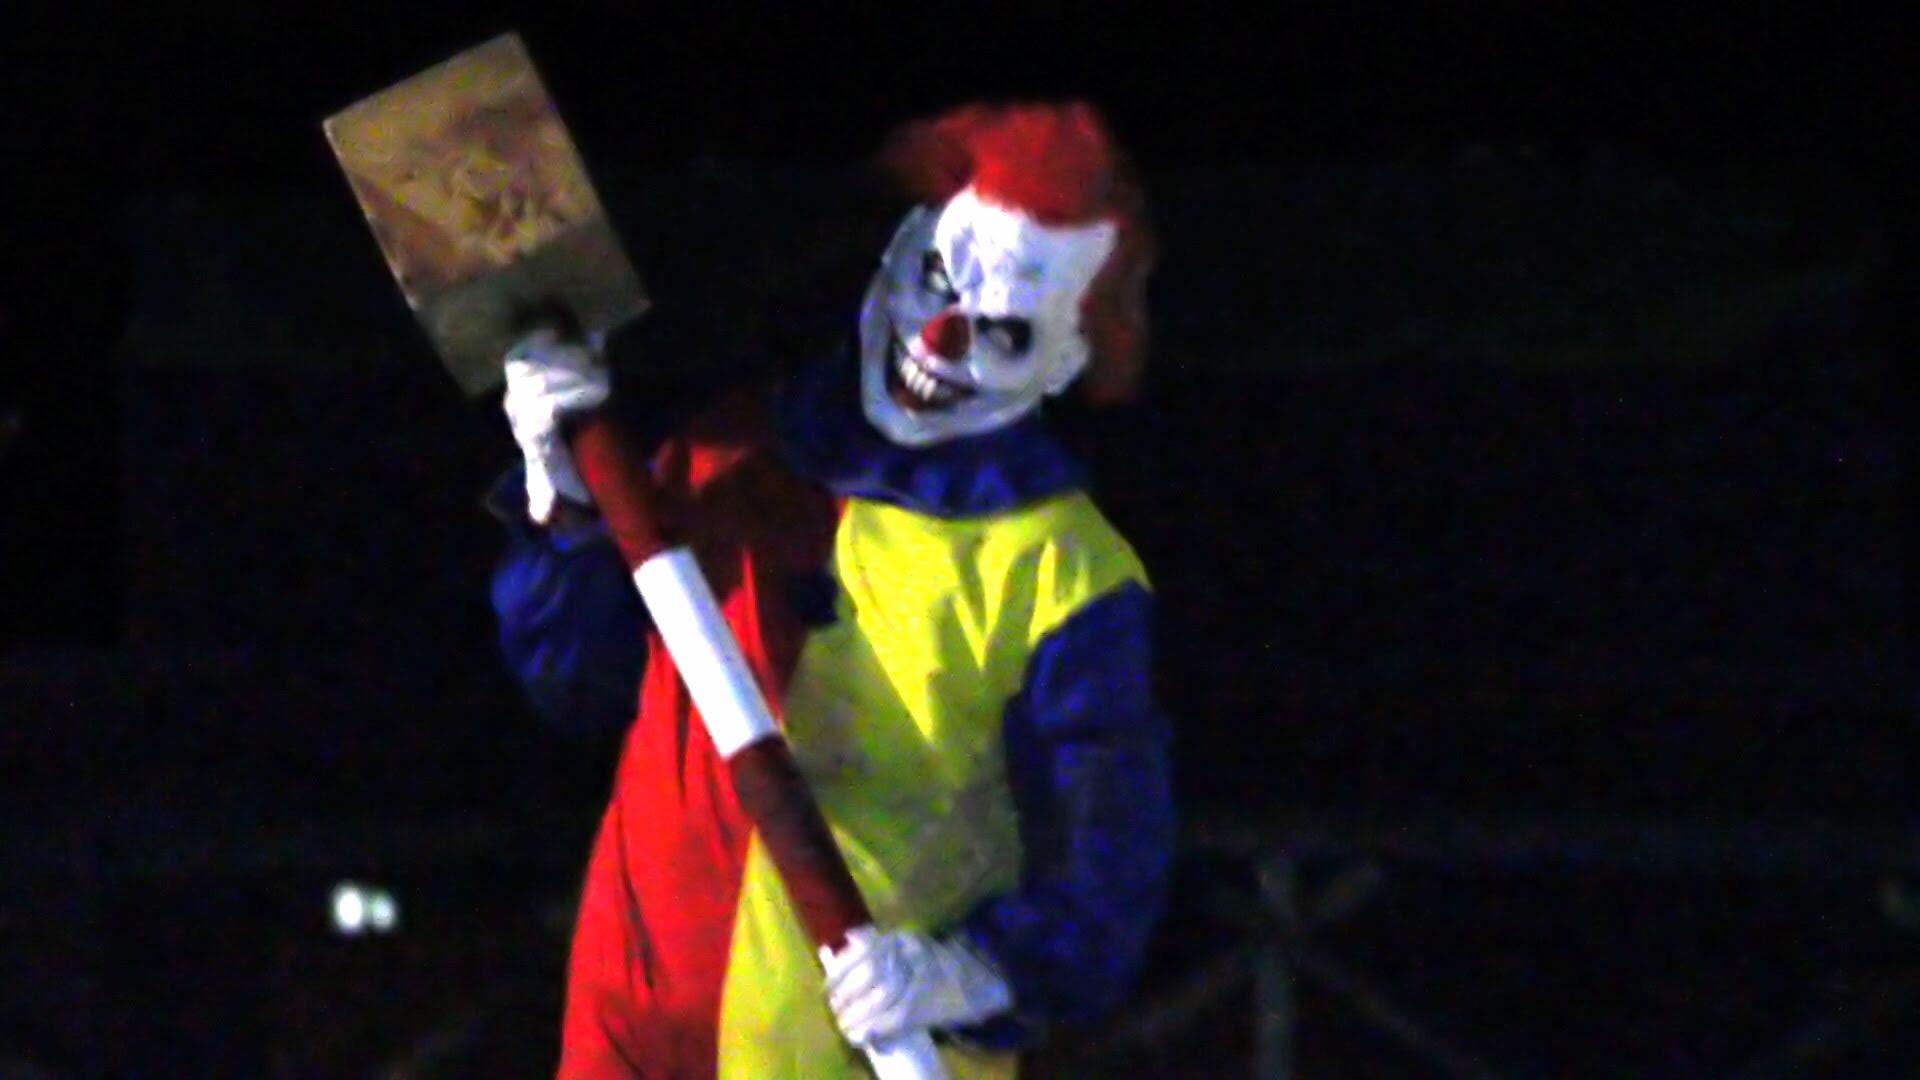 Onwijs Lolbroeken in clownspak door Woerden - Woerden.TV MG-66